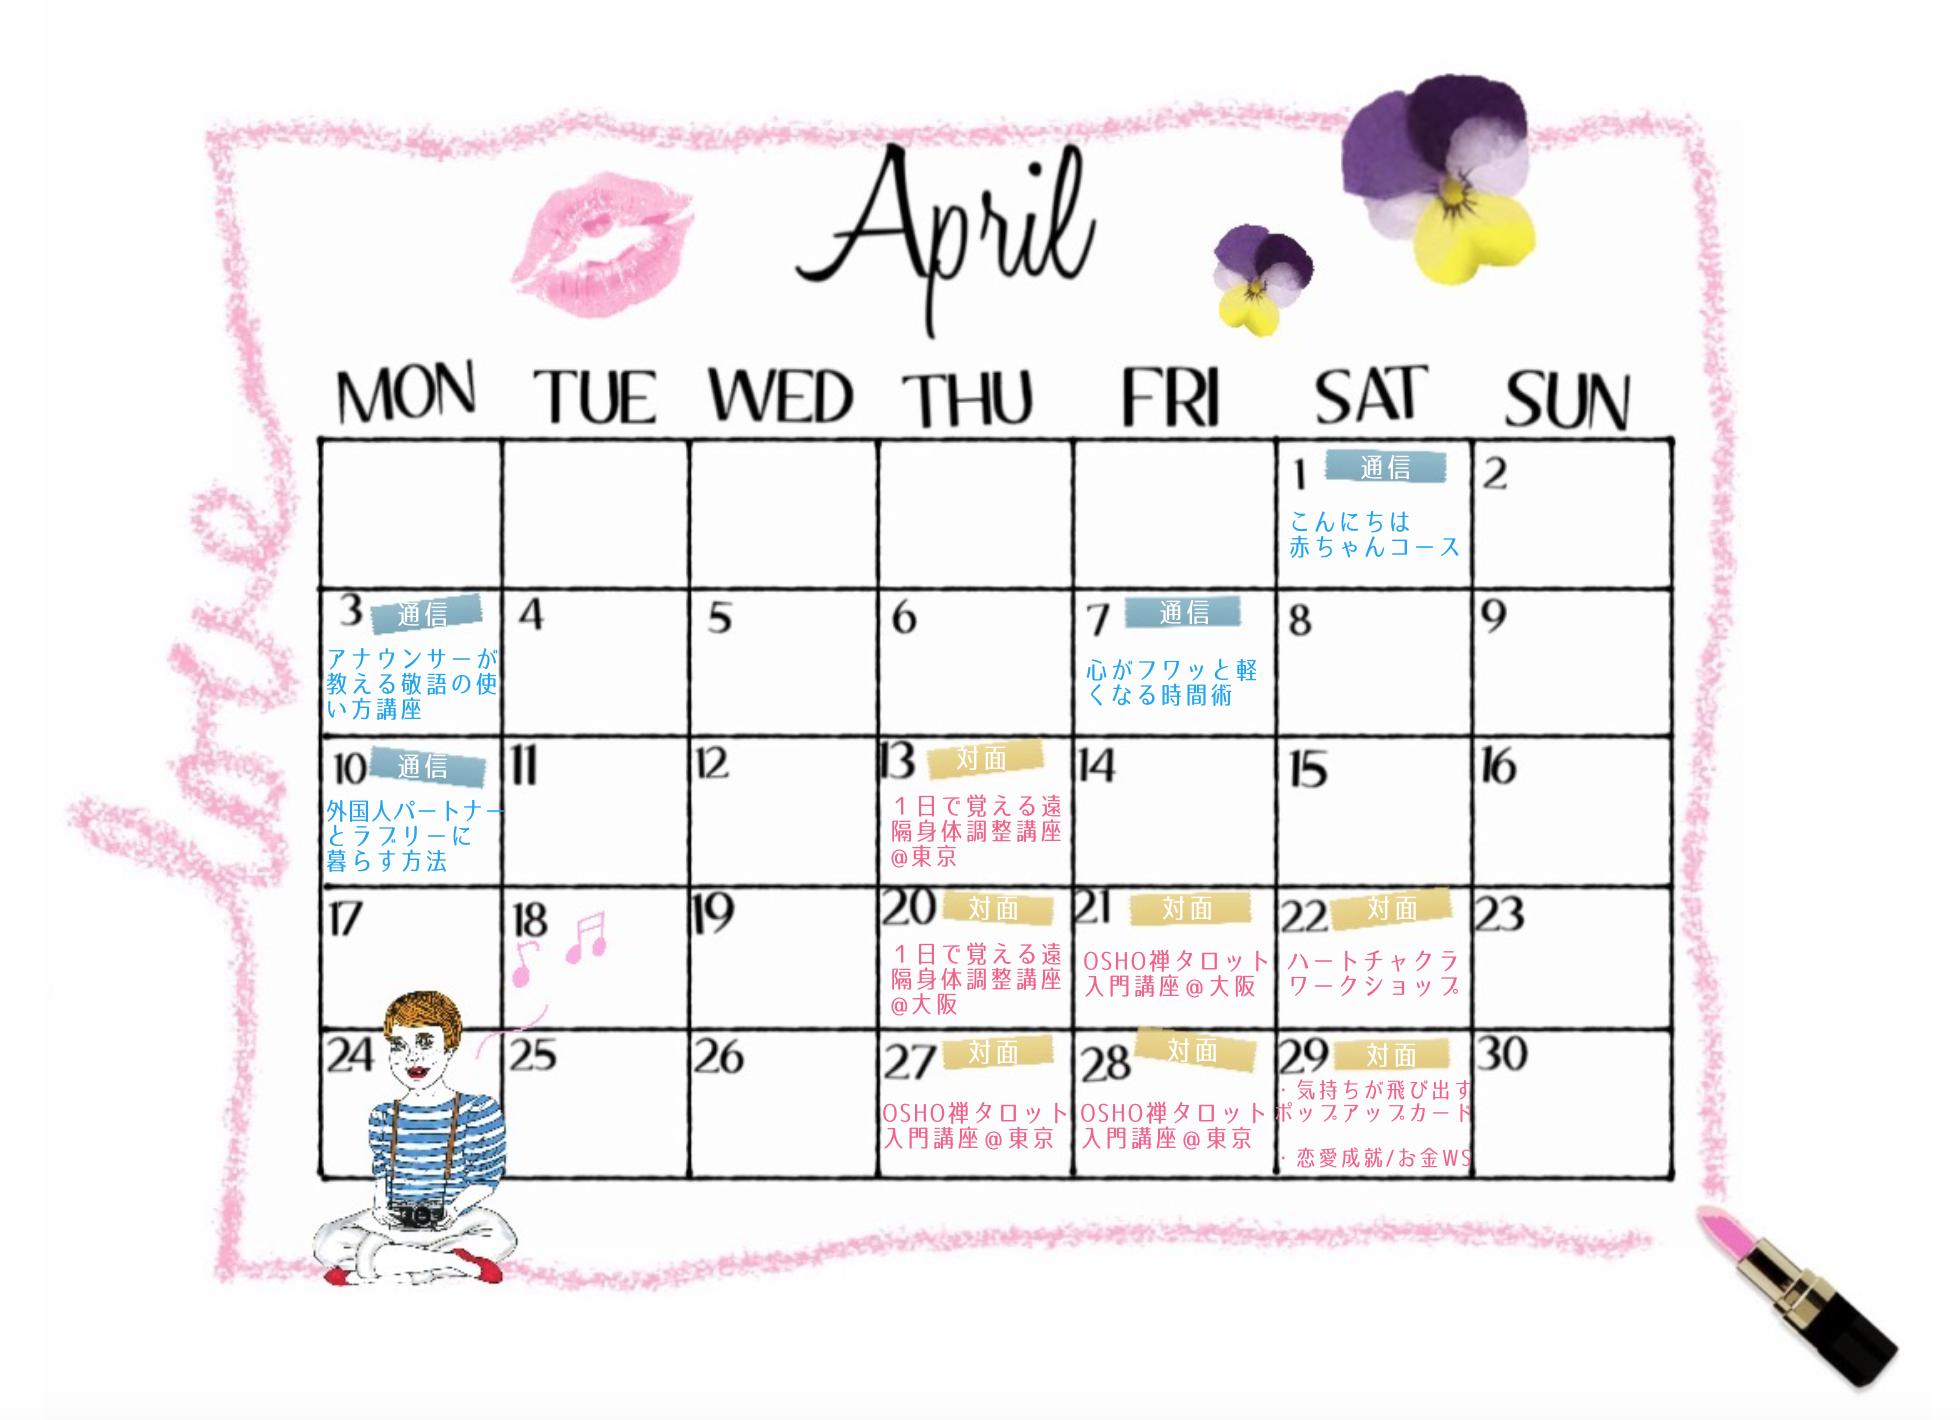 夢大活用カレンダー2017:04